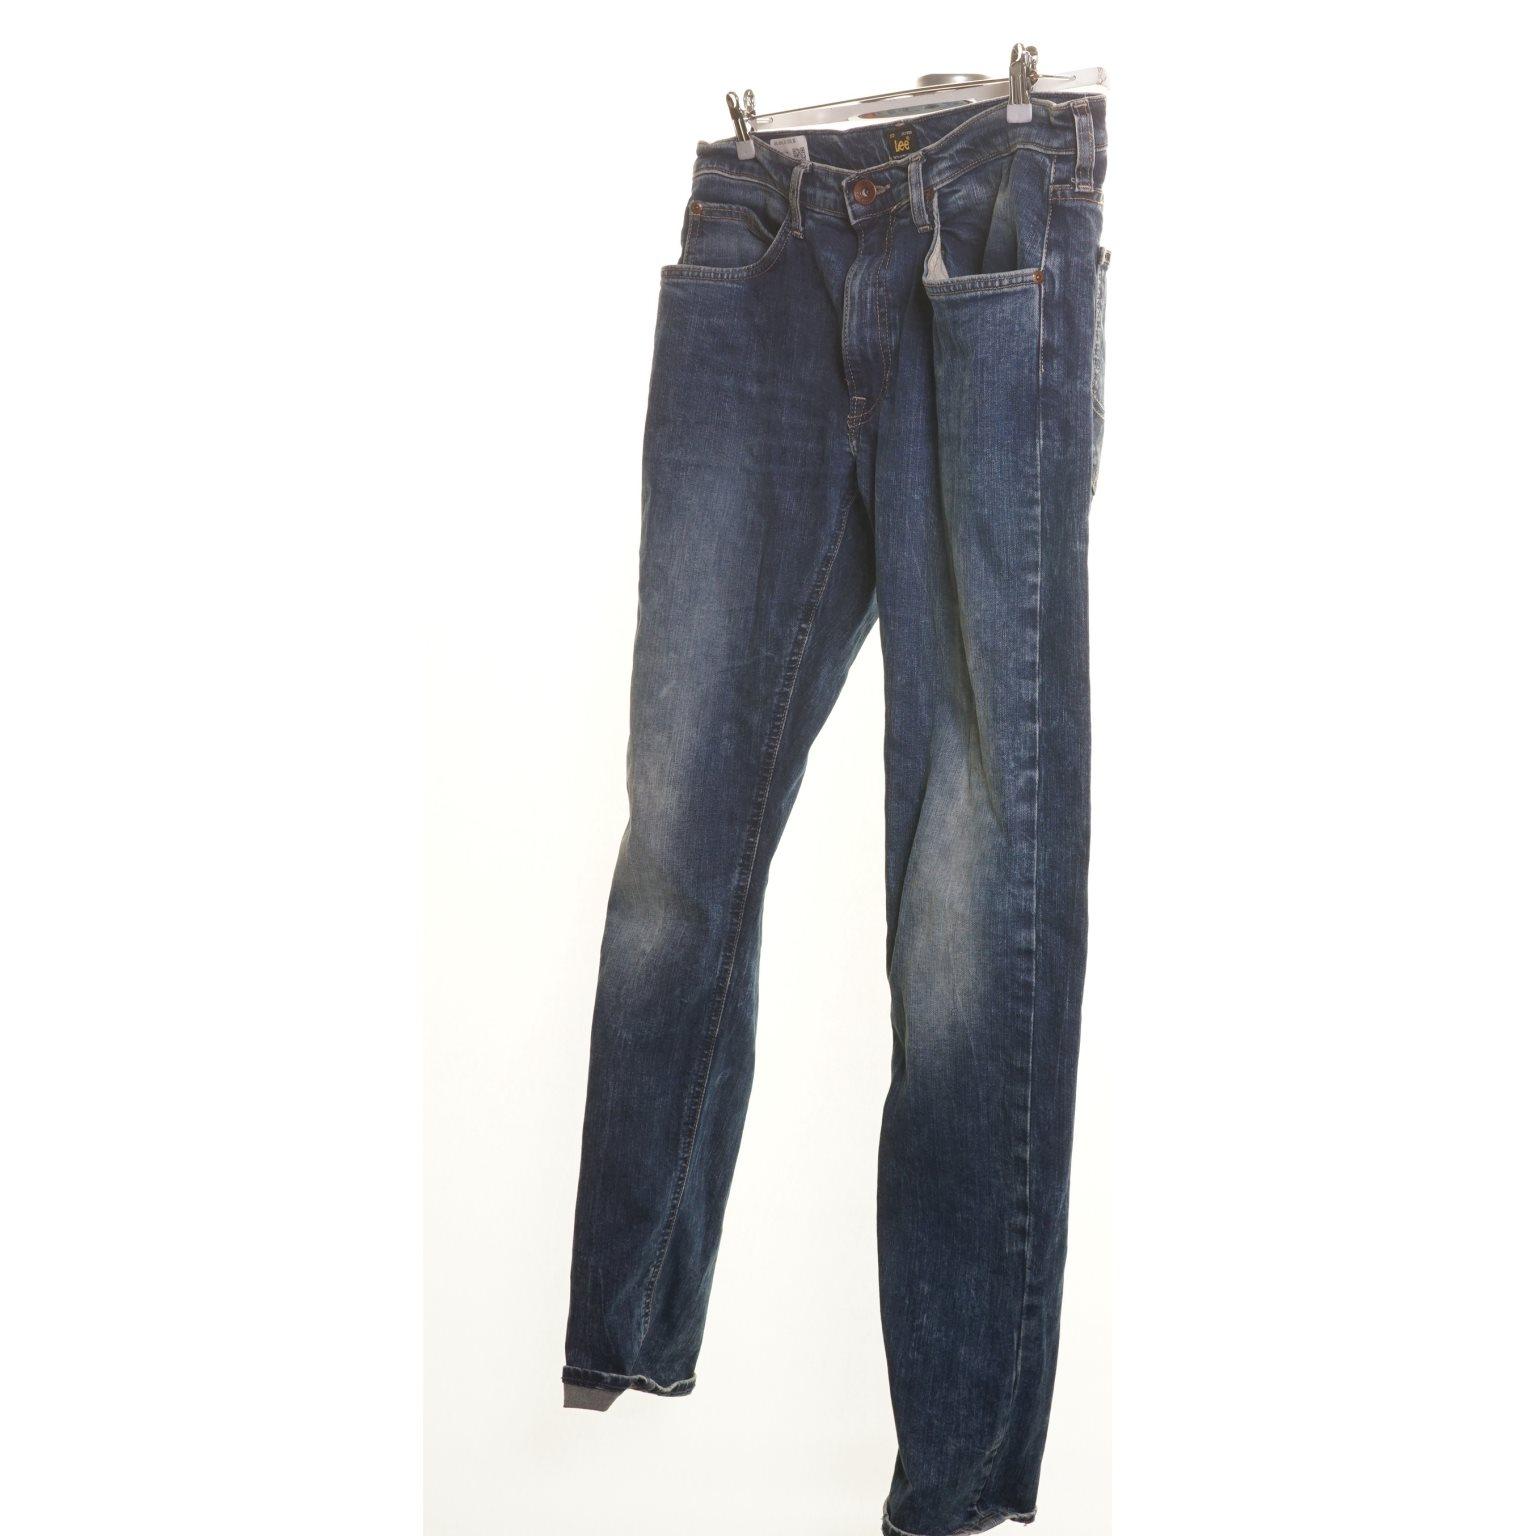 Lee, Jeans, Strl: 34/34, 34/34, 34/34, Blå 4f45a9